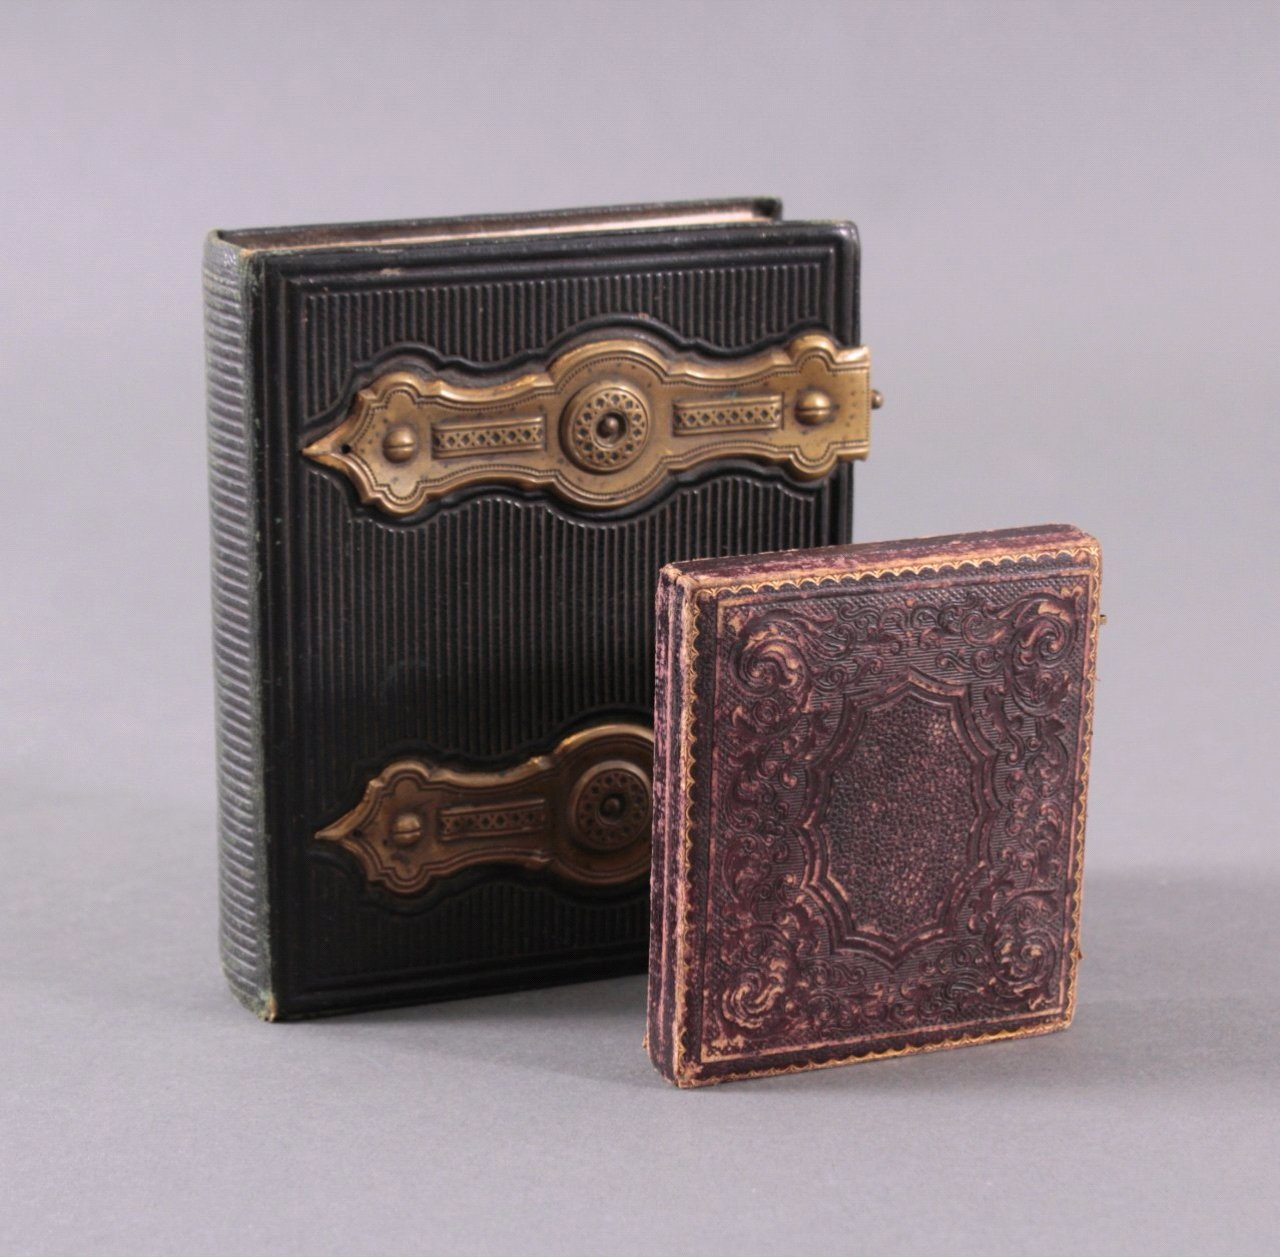 Fotoalbum und Taschen-Fotorahmen um 1900